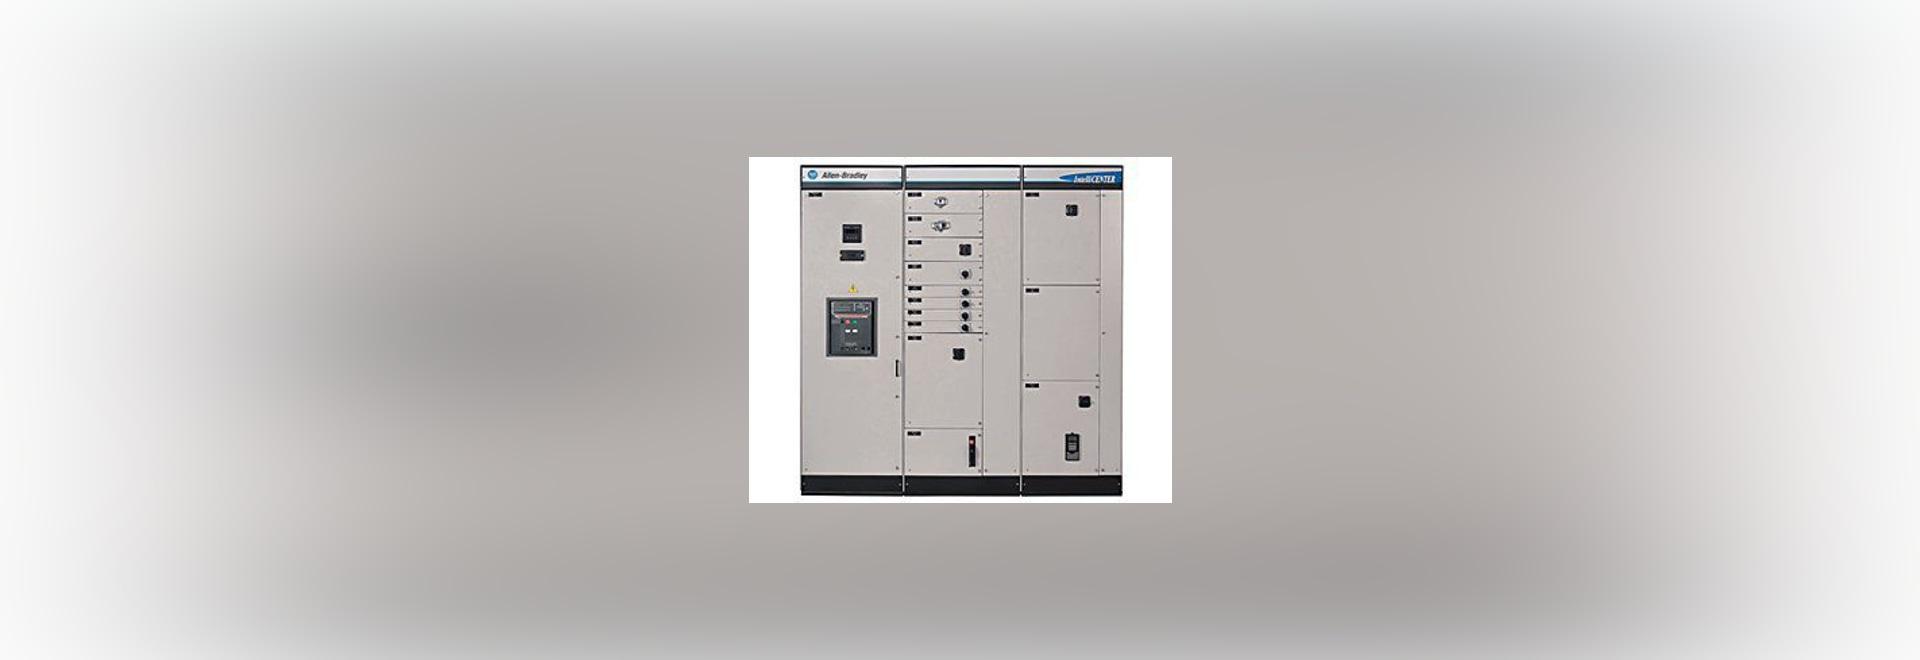 NOVEDAD: centro de control motor by Allen Bradley